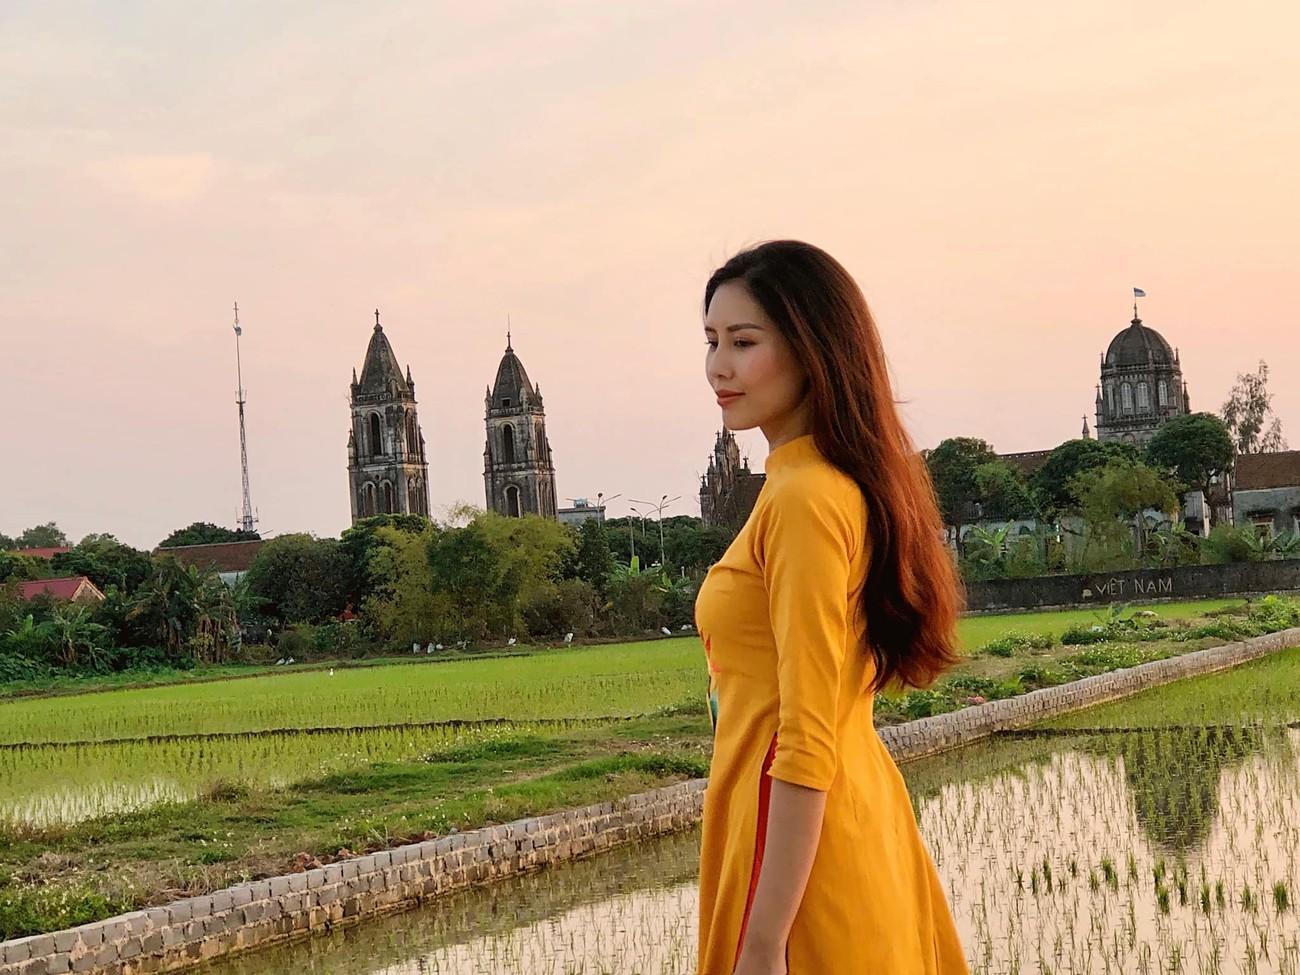 Hoa hậu Tiểu Vy khoe ảnh mẹ diện áo dài ngày mùng 1 Tết, fans trầm trồ vì nhan sắc trẻ đẹp ảnh 9